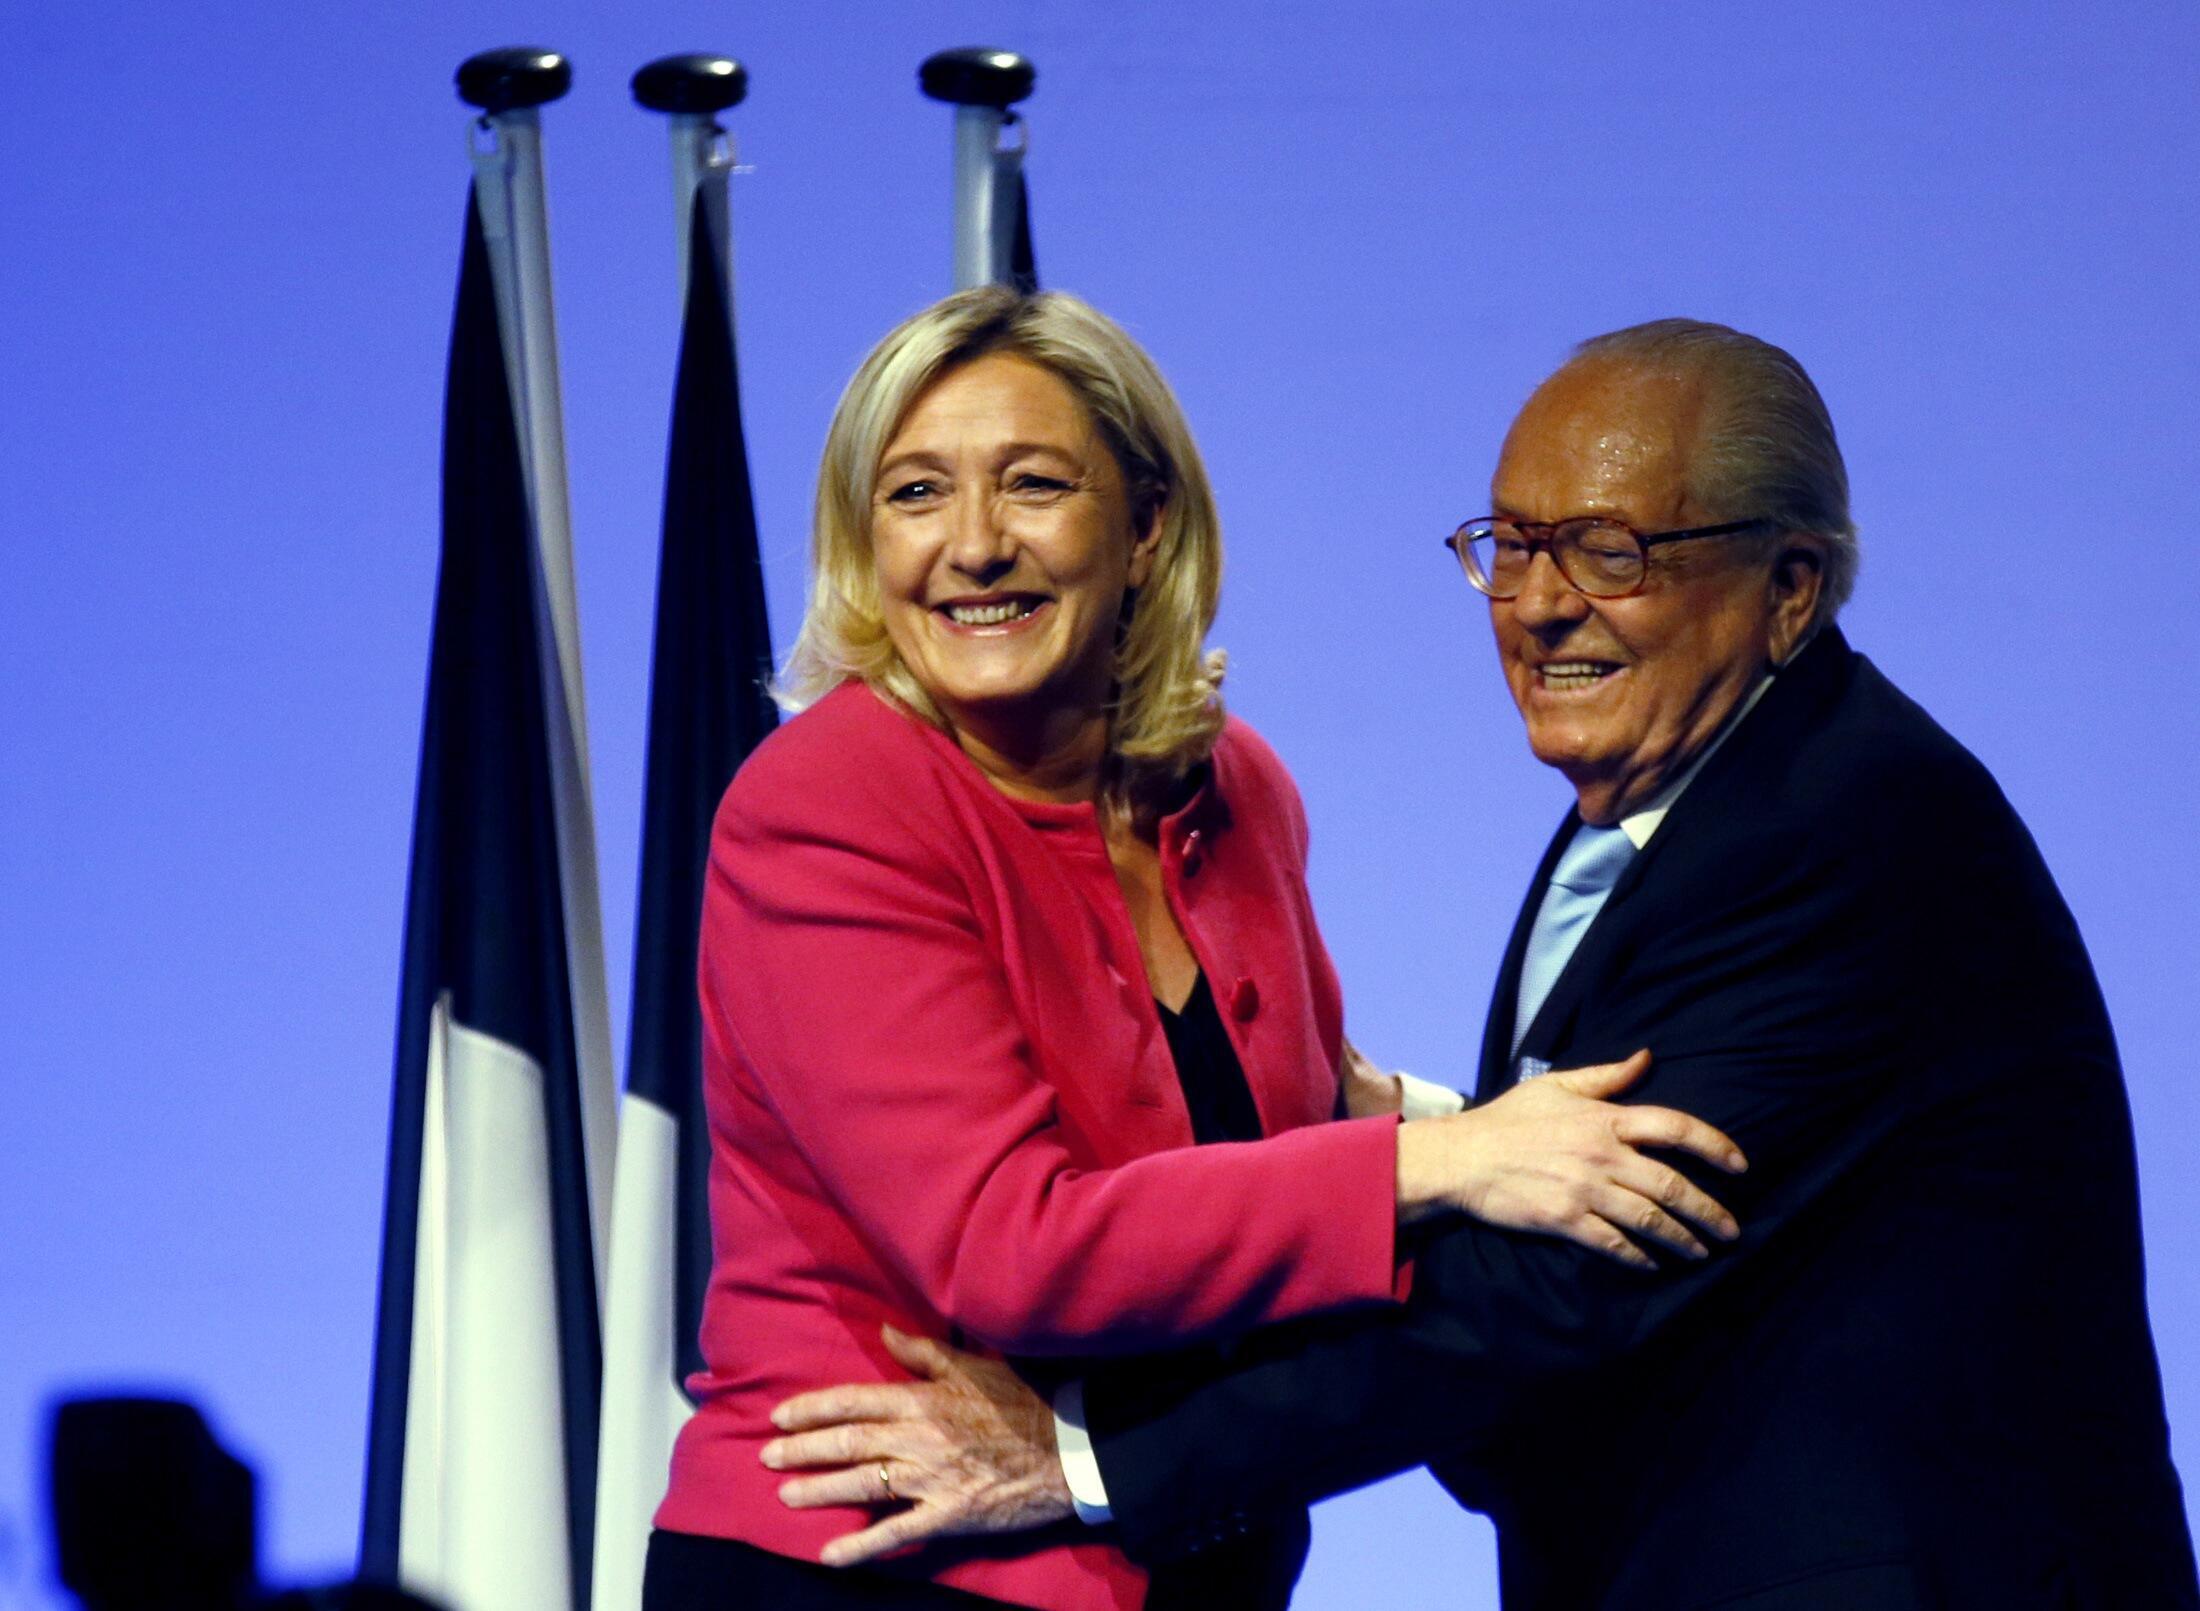 Марин Ле Пен и Жан-Мари Ле Пен во время европейской избирательной кампании, Марсель, 20 мая  2014.